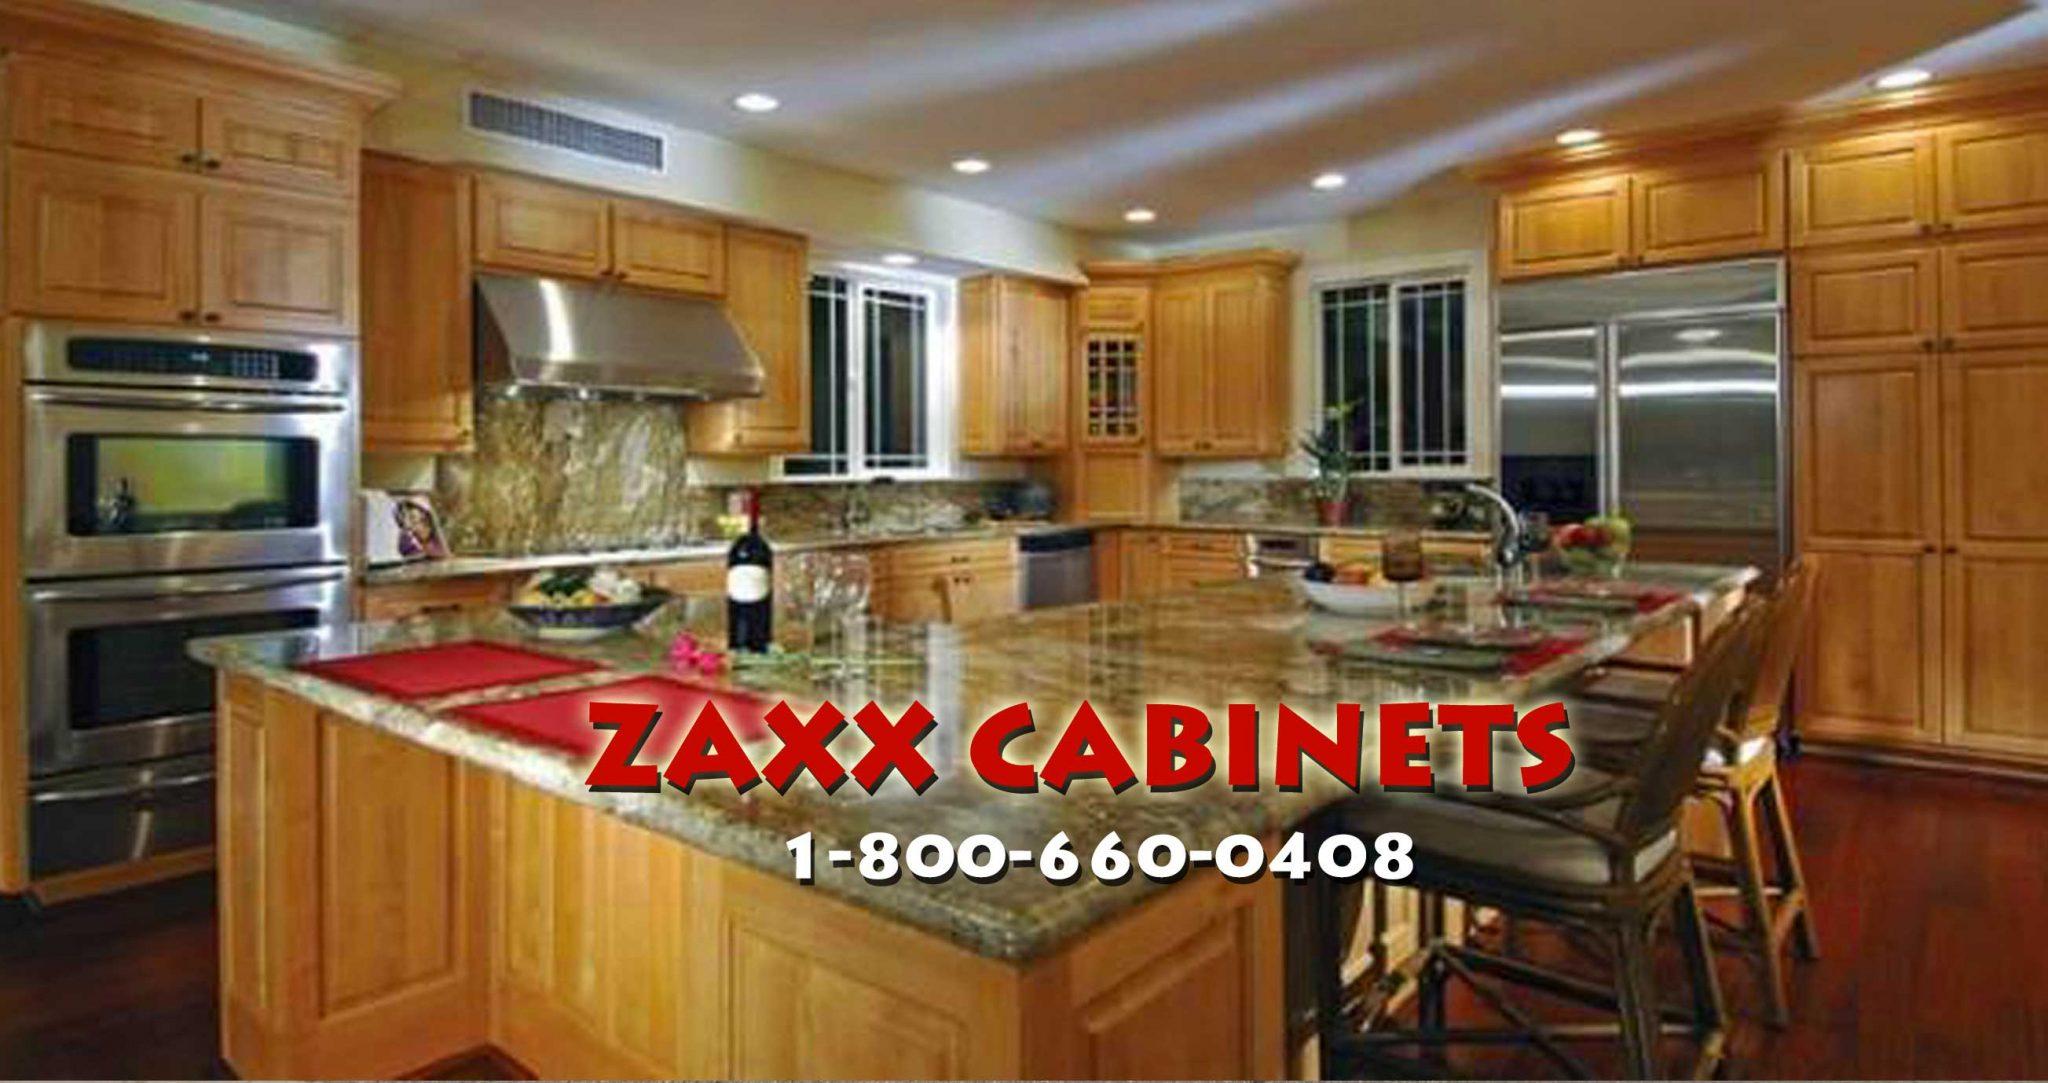 zaxx2 - ZAXX Discount Kitchen Cabinets in Wisconsin ...